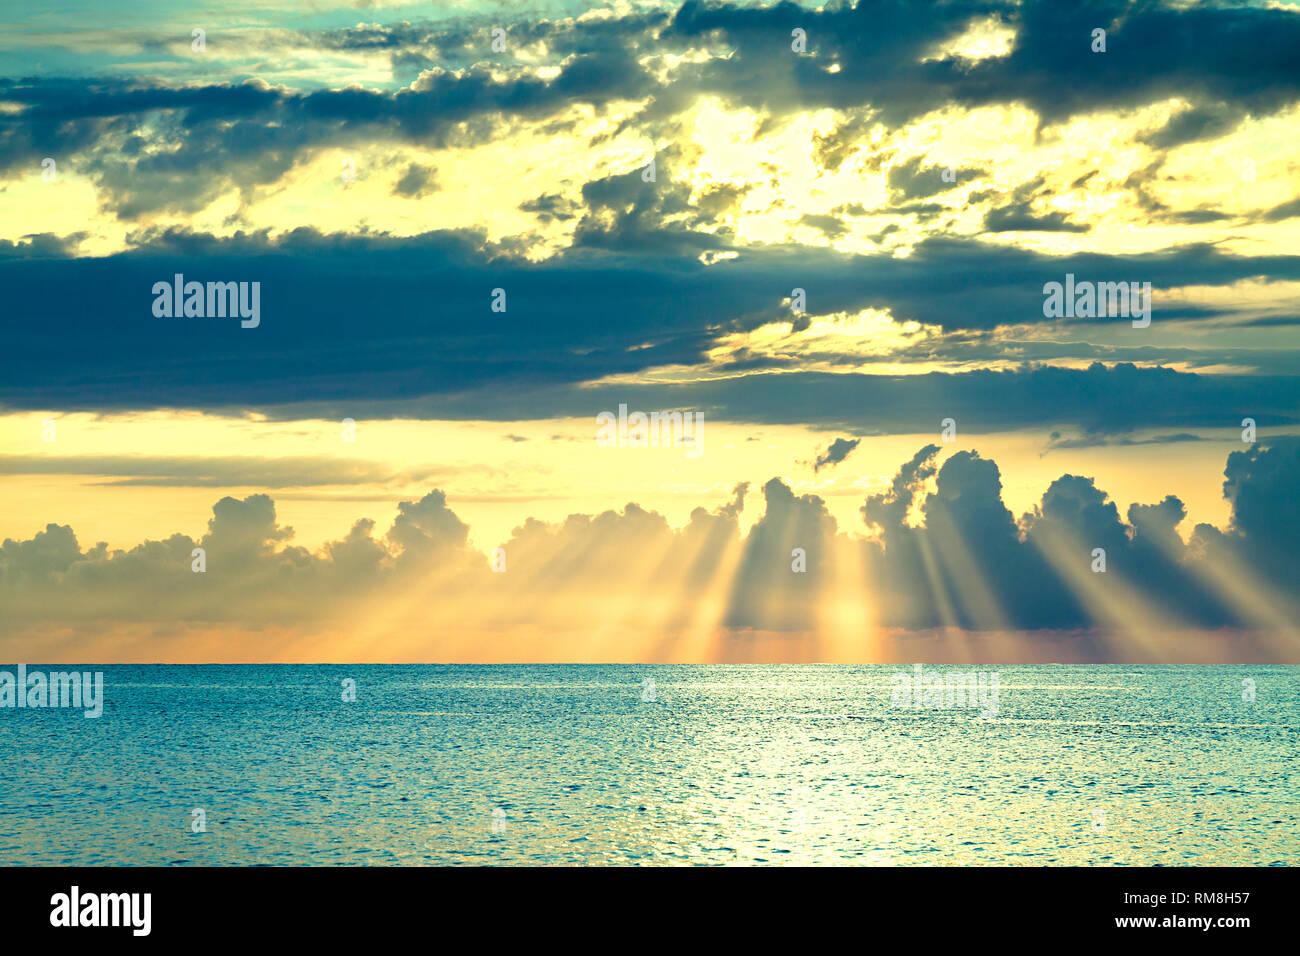 Hermoso paisaje del mar con un atardecer. Atardecer cielo con nubes y rayos de sol sobre el océano. Rayos de sol brillan romper a través de las nubes Foto de stock